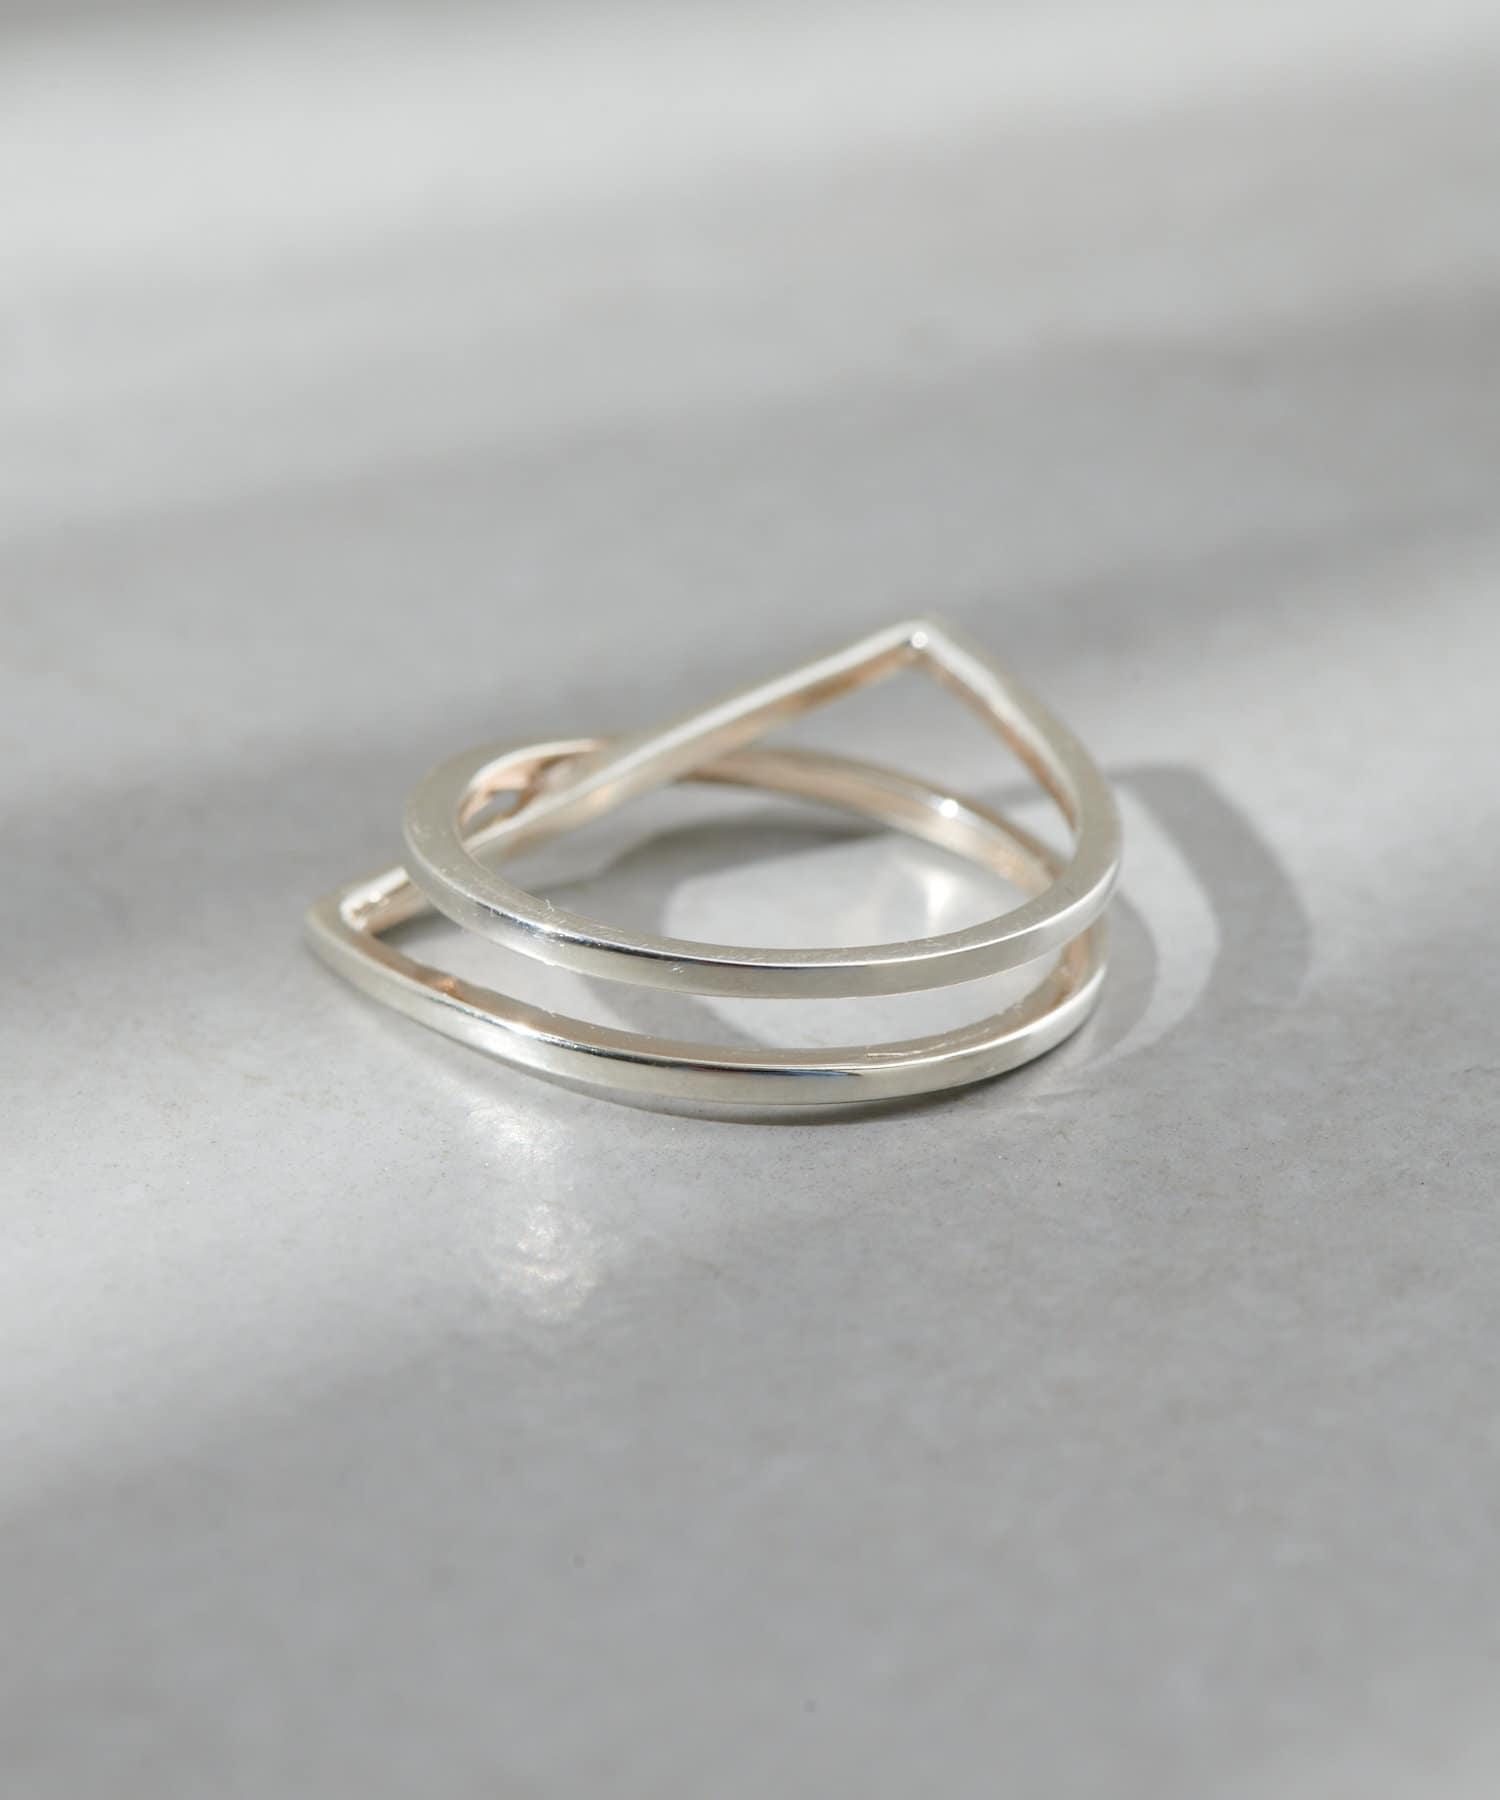 Discoat(ディスコート) AZ circle bar ring